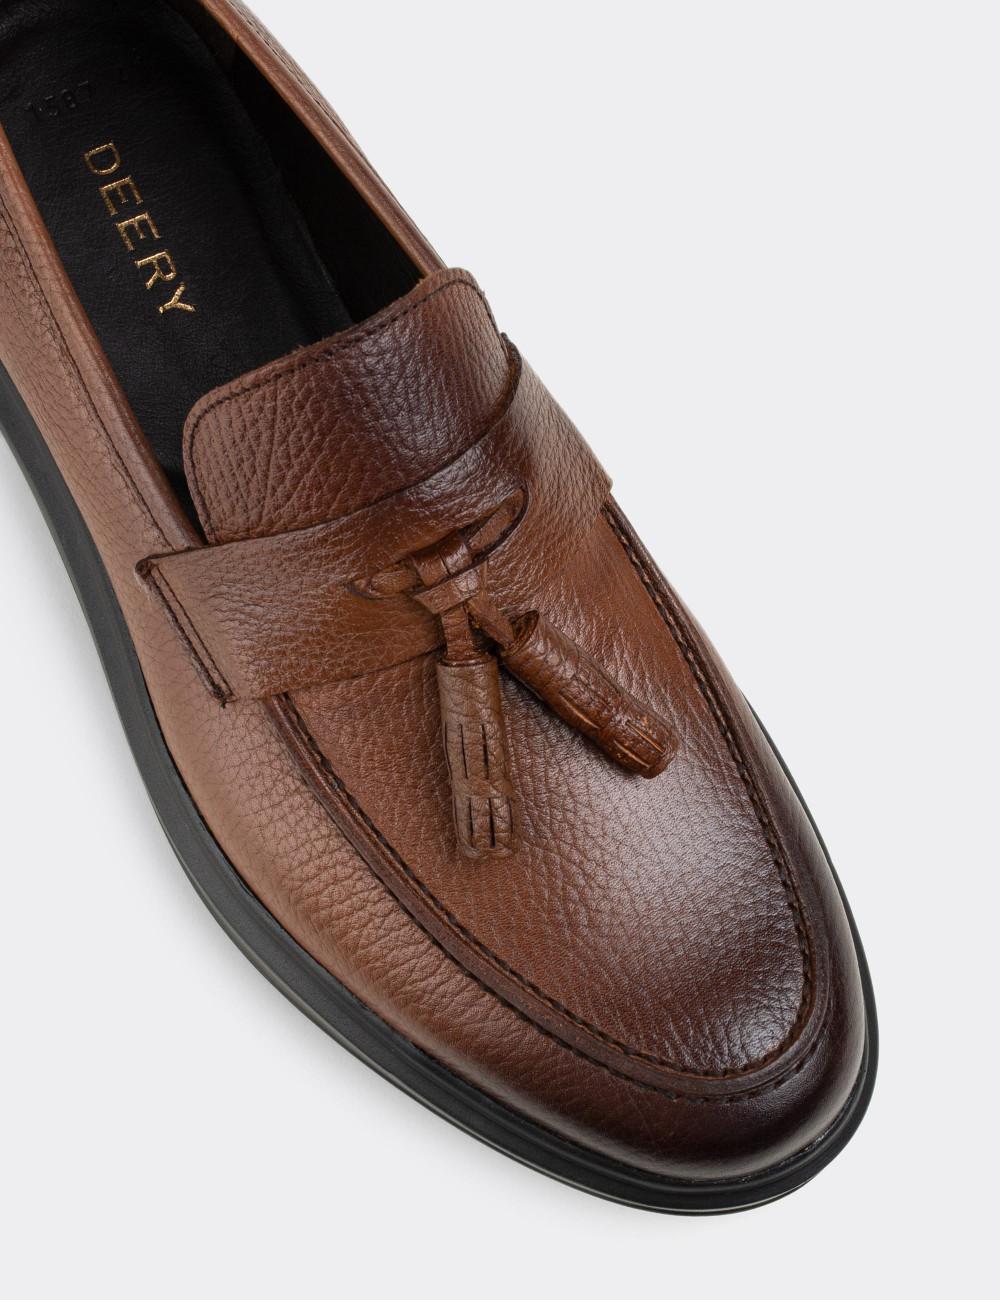 Hakiki Deri Taba Rengi Loafer Erkek Ayakkabı - 01587MTBAP05